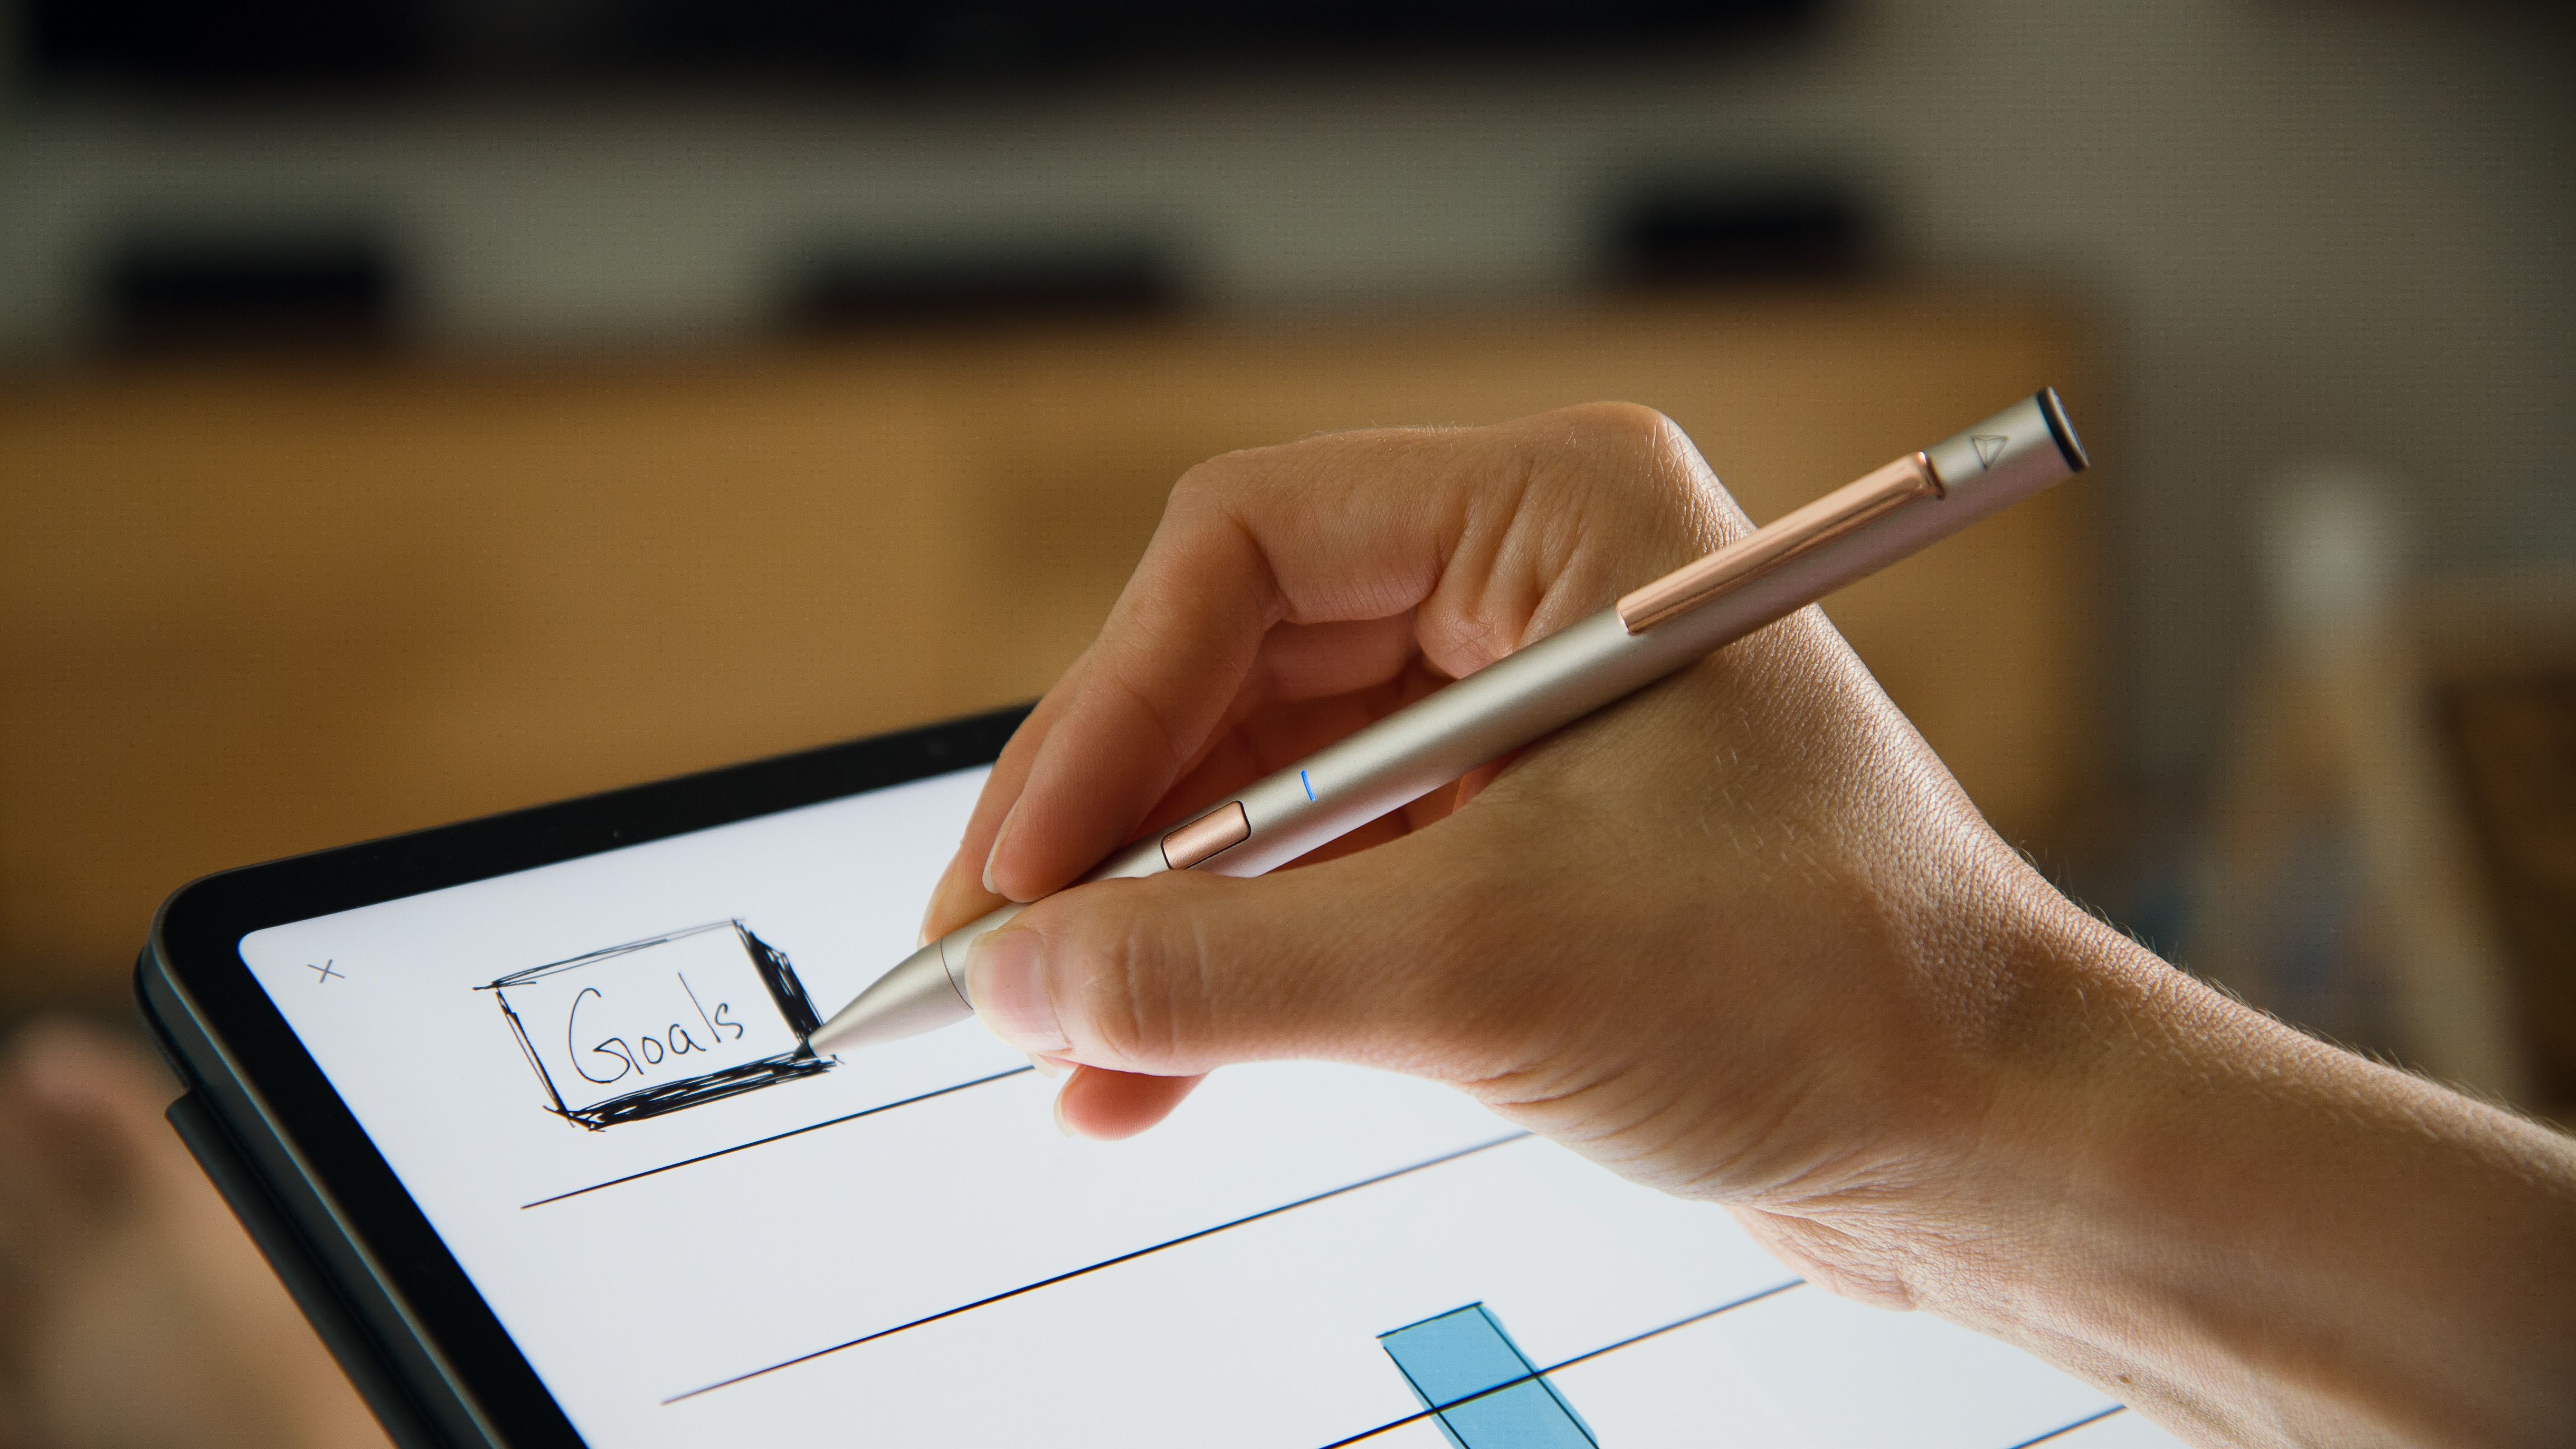 c1f006a867619c6f90b2029e0668131f - How To Get Apple Pencil To Work On Ipad Mini